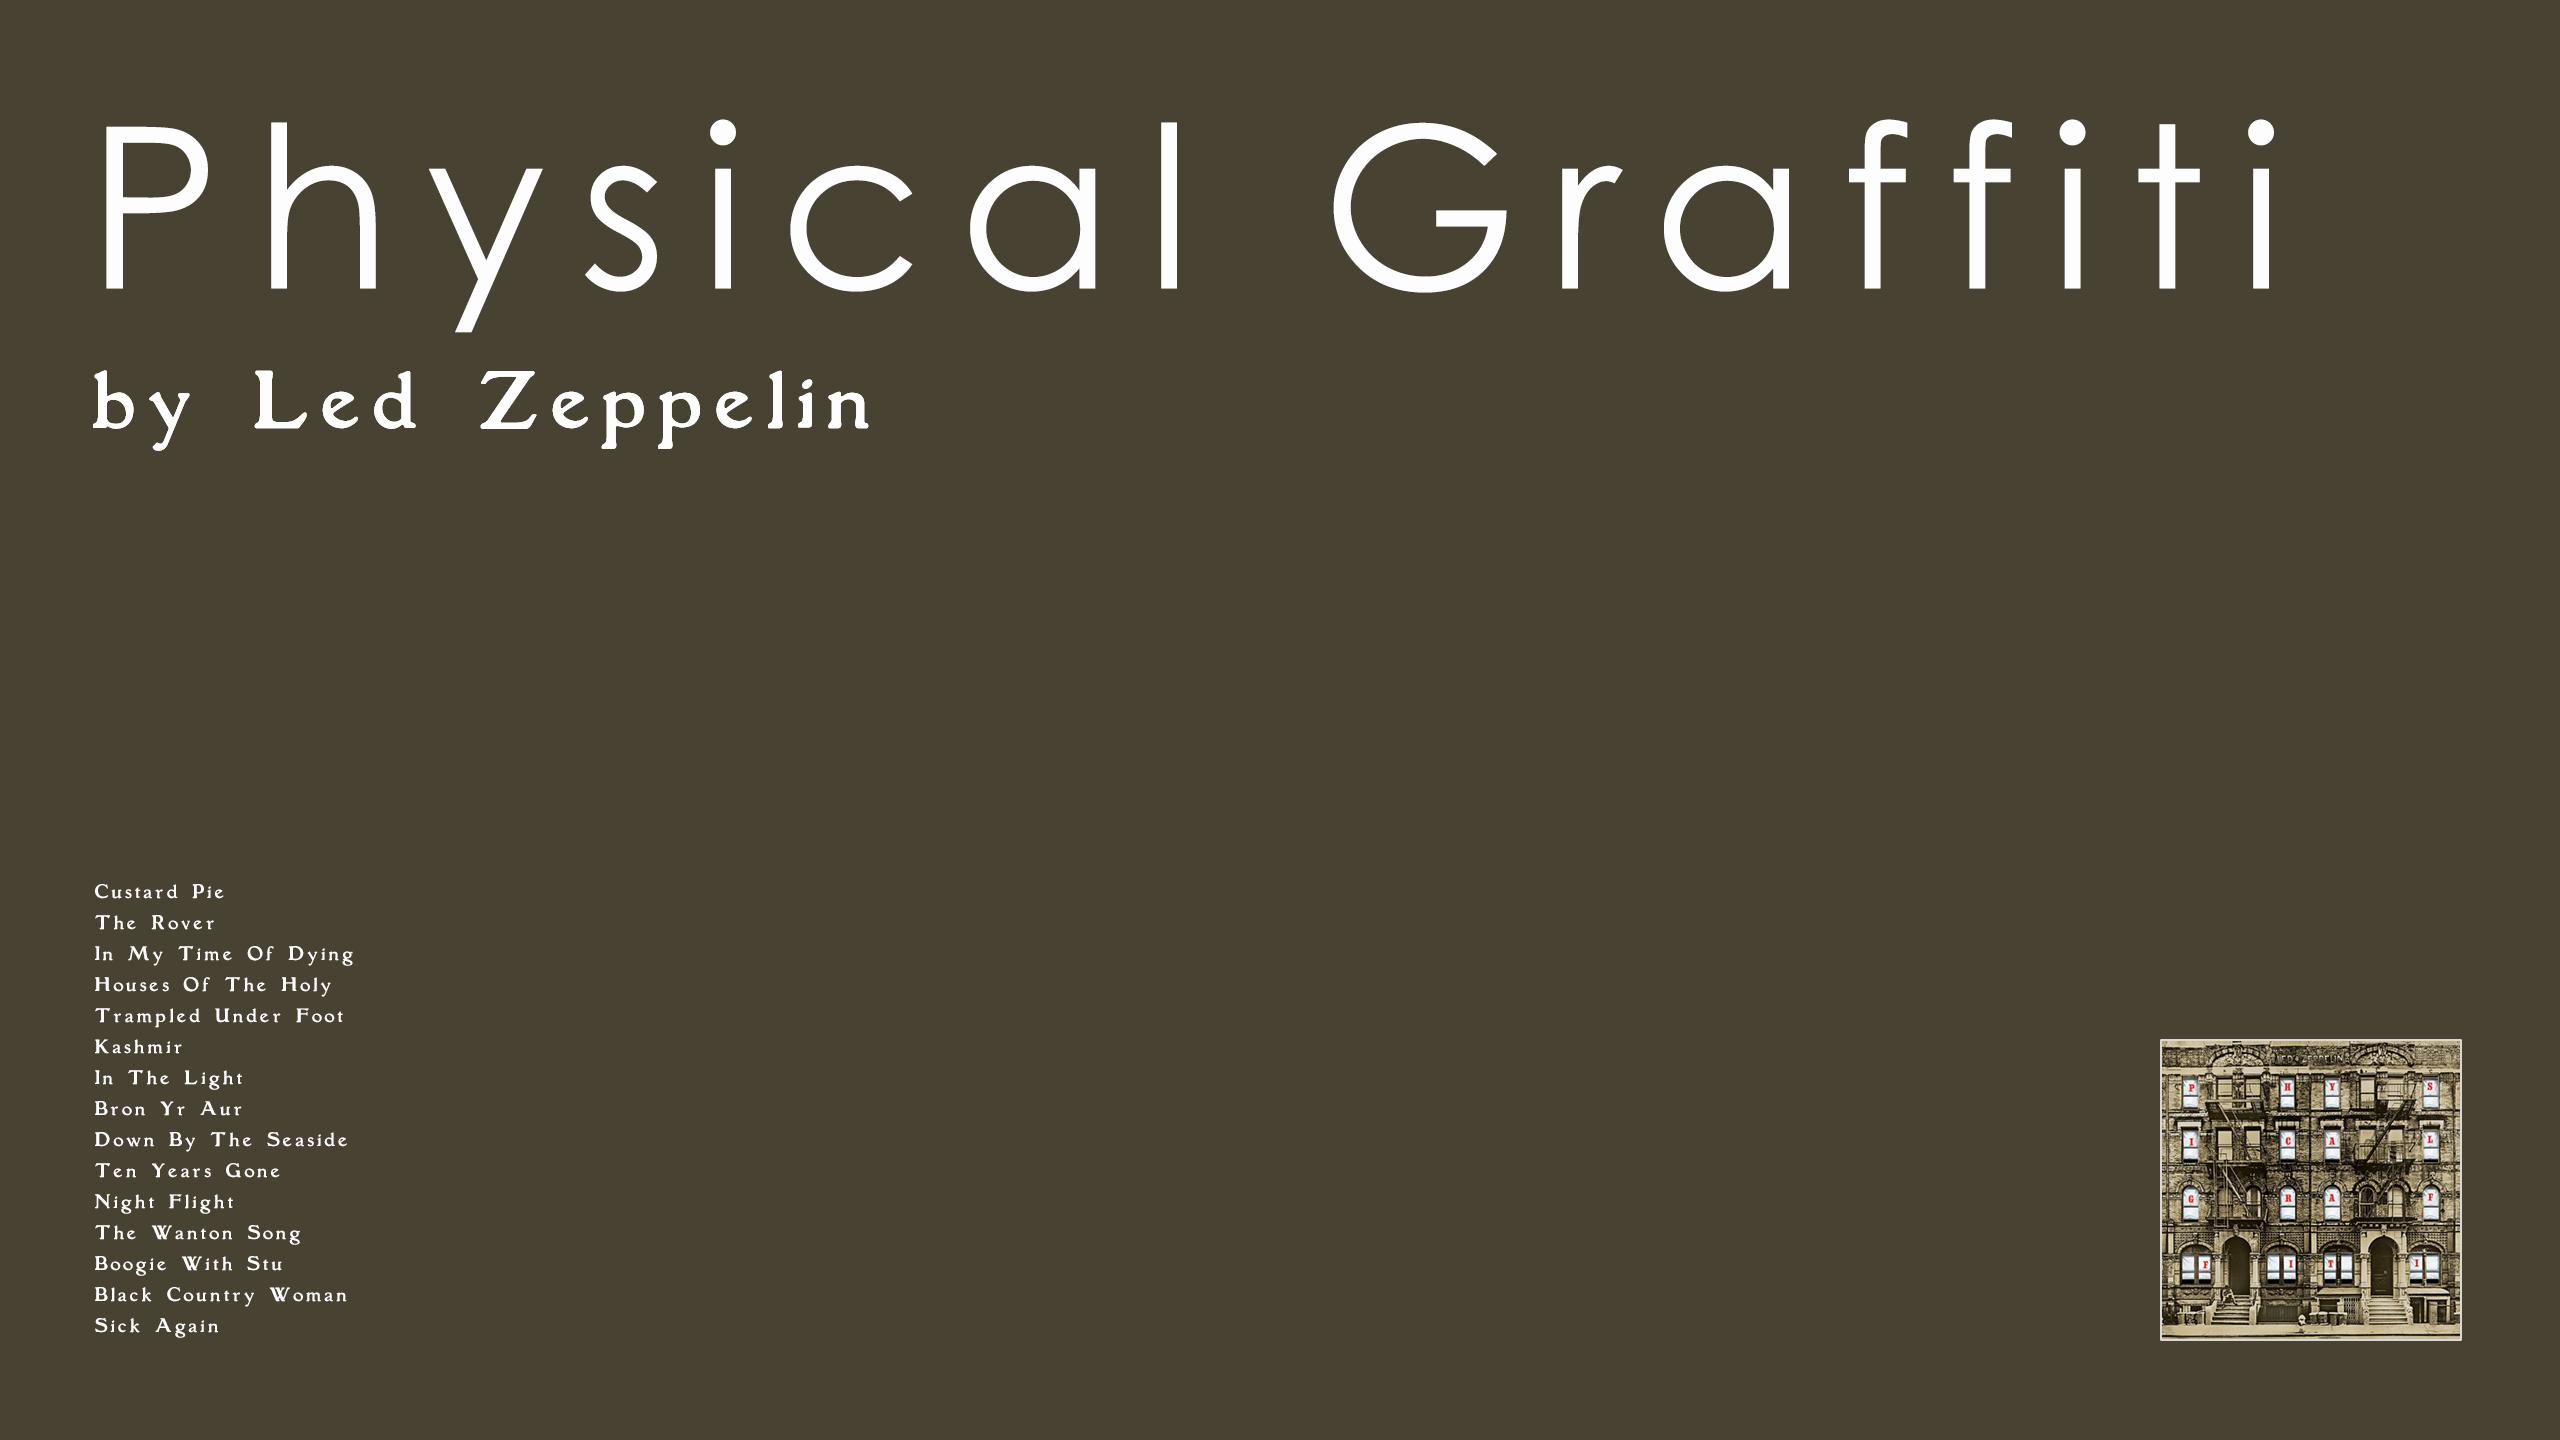 Led Zeppelin- Physical Graffiti